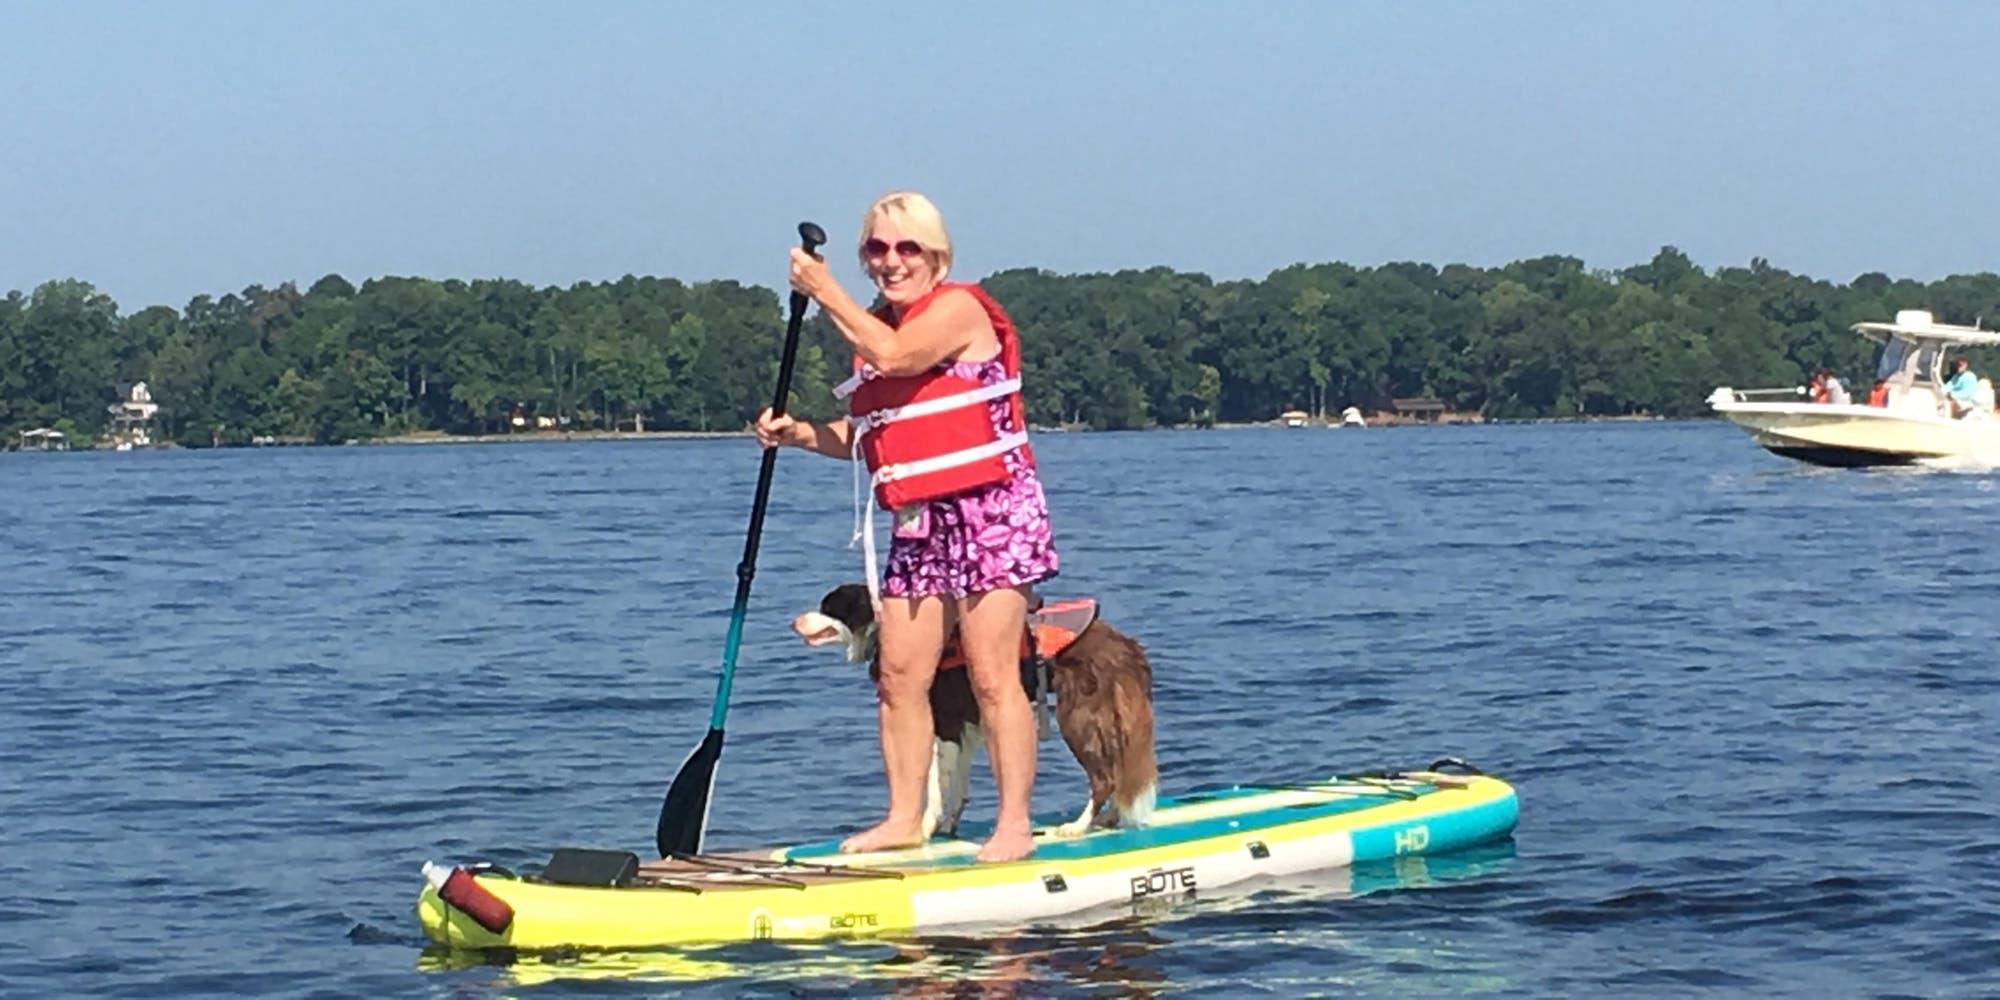 Image Courtesy: Lake Norman Humane